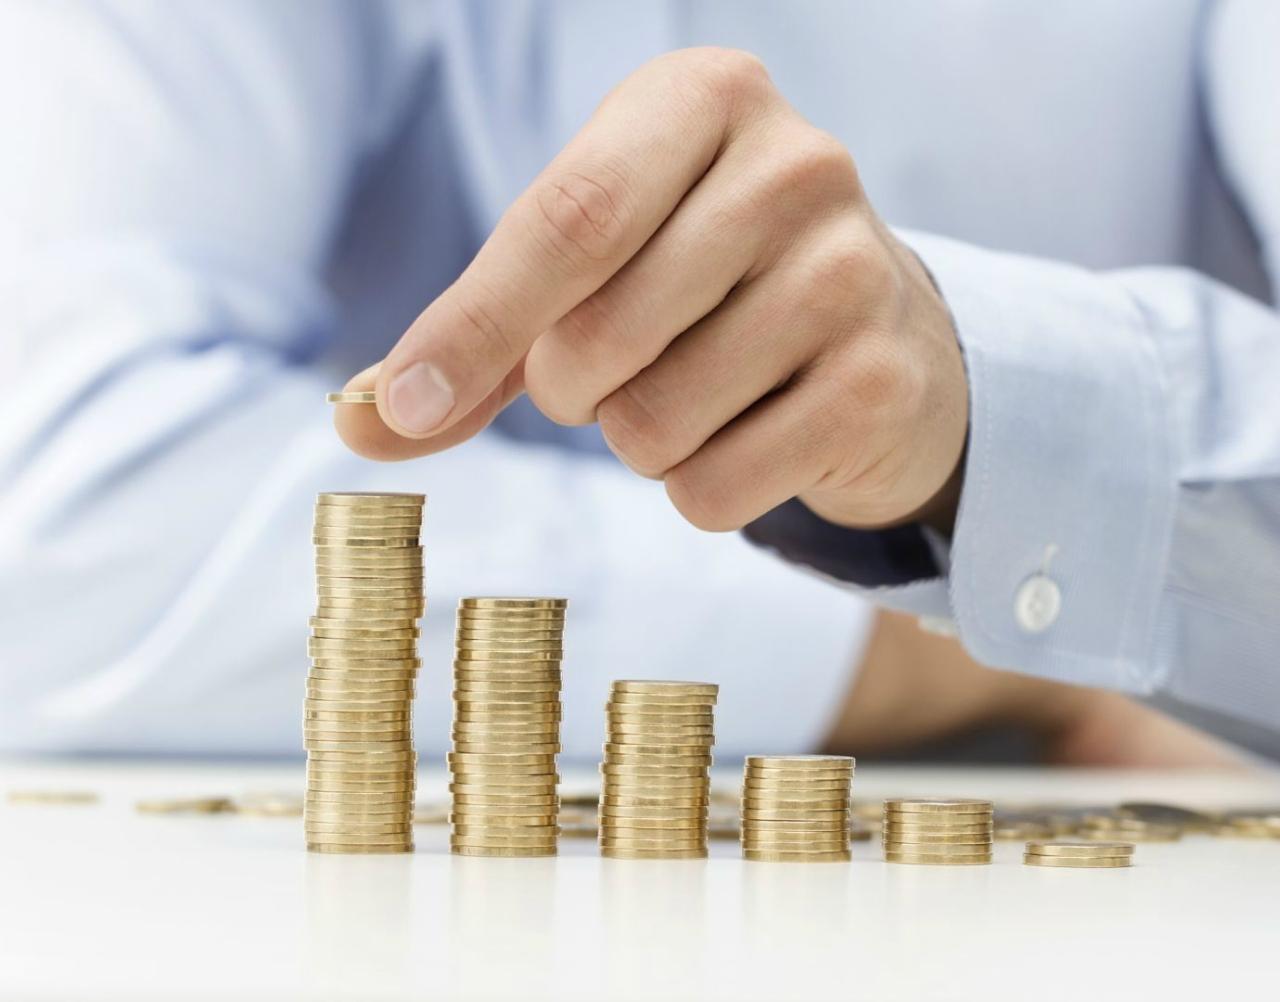 От чего зависит большая зарплата?